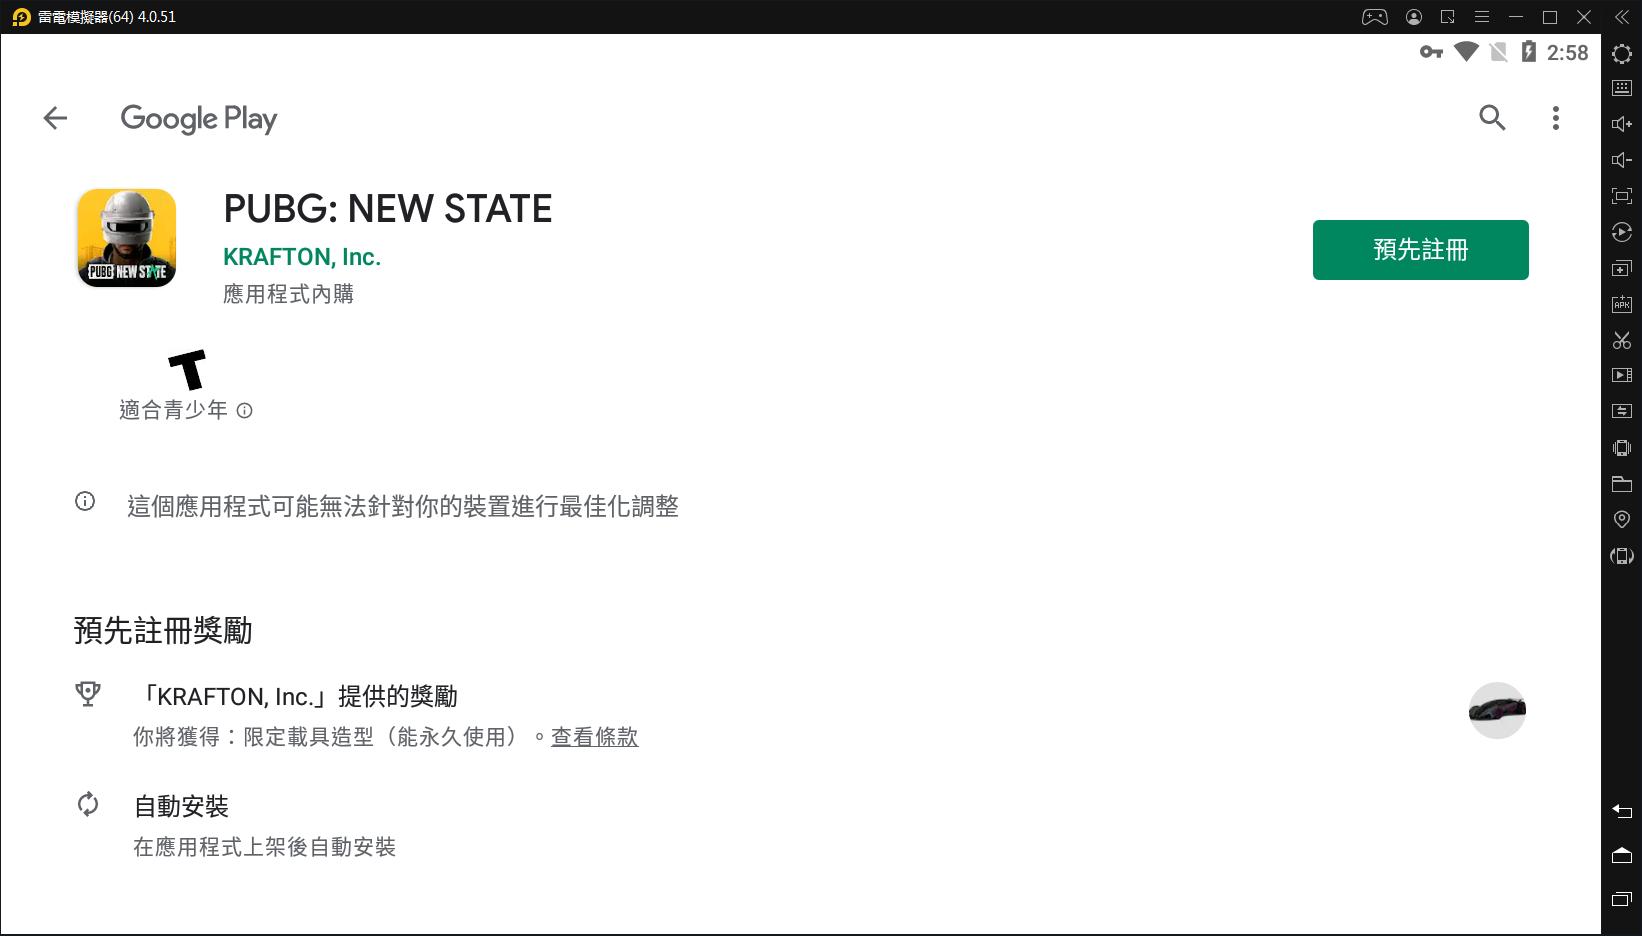 如何在電腦上預註冊《PUBG: NEW STATE》